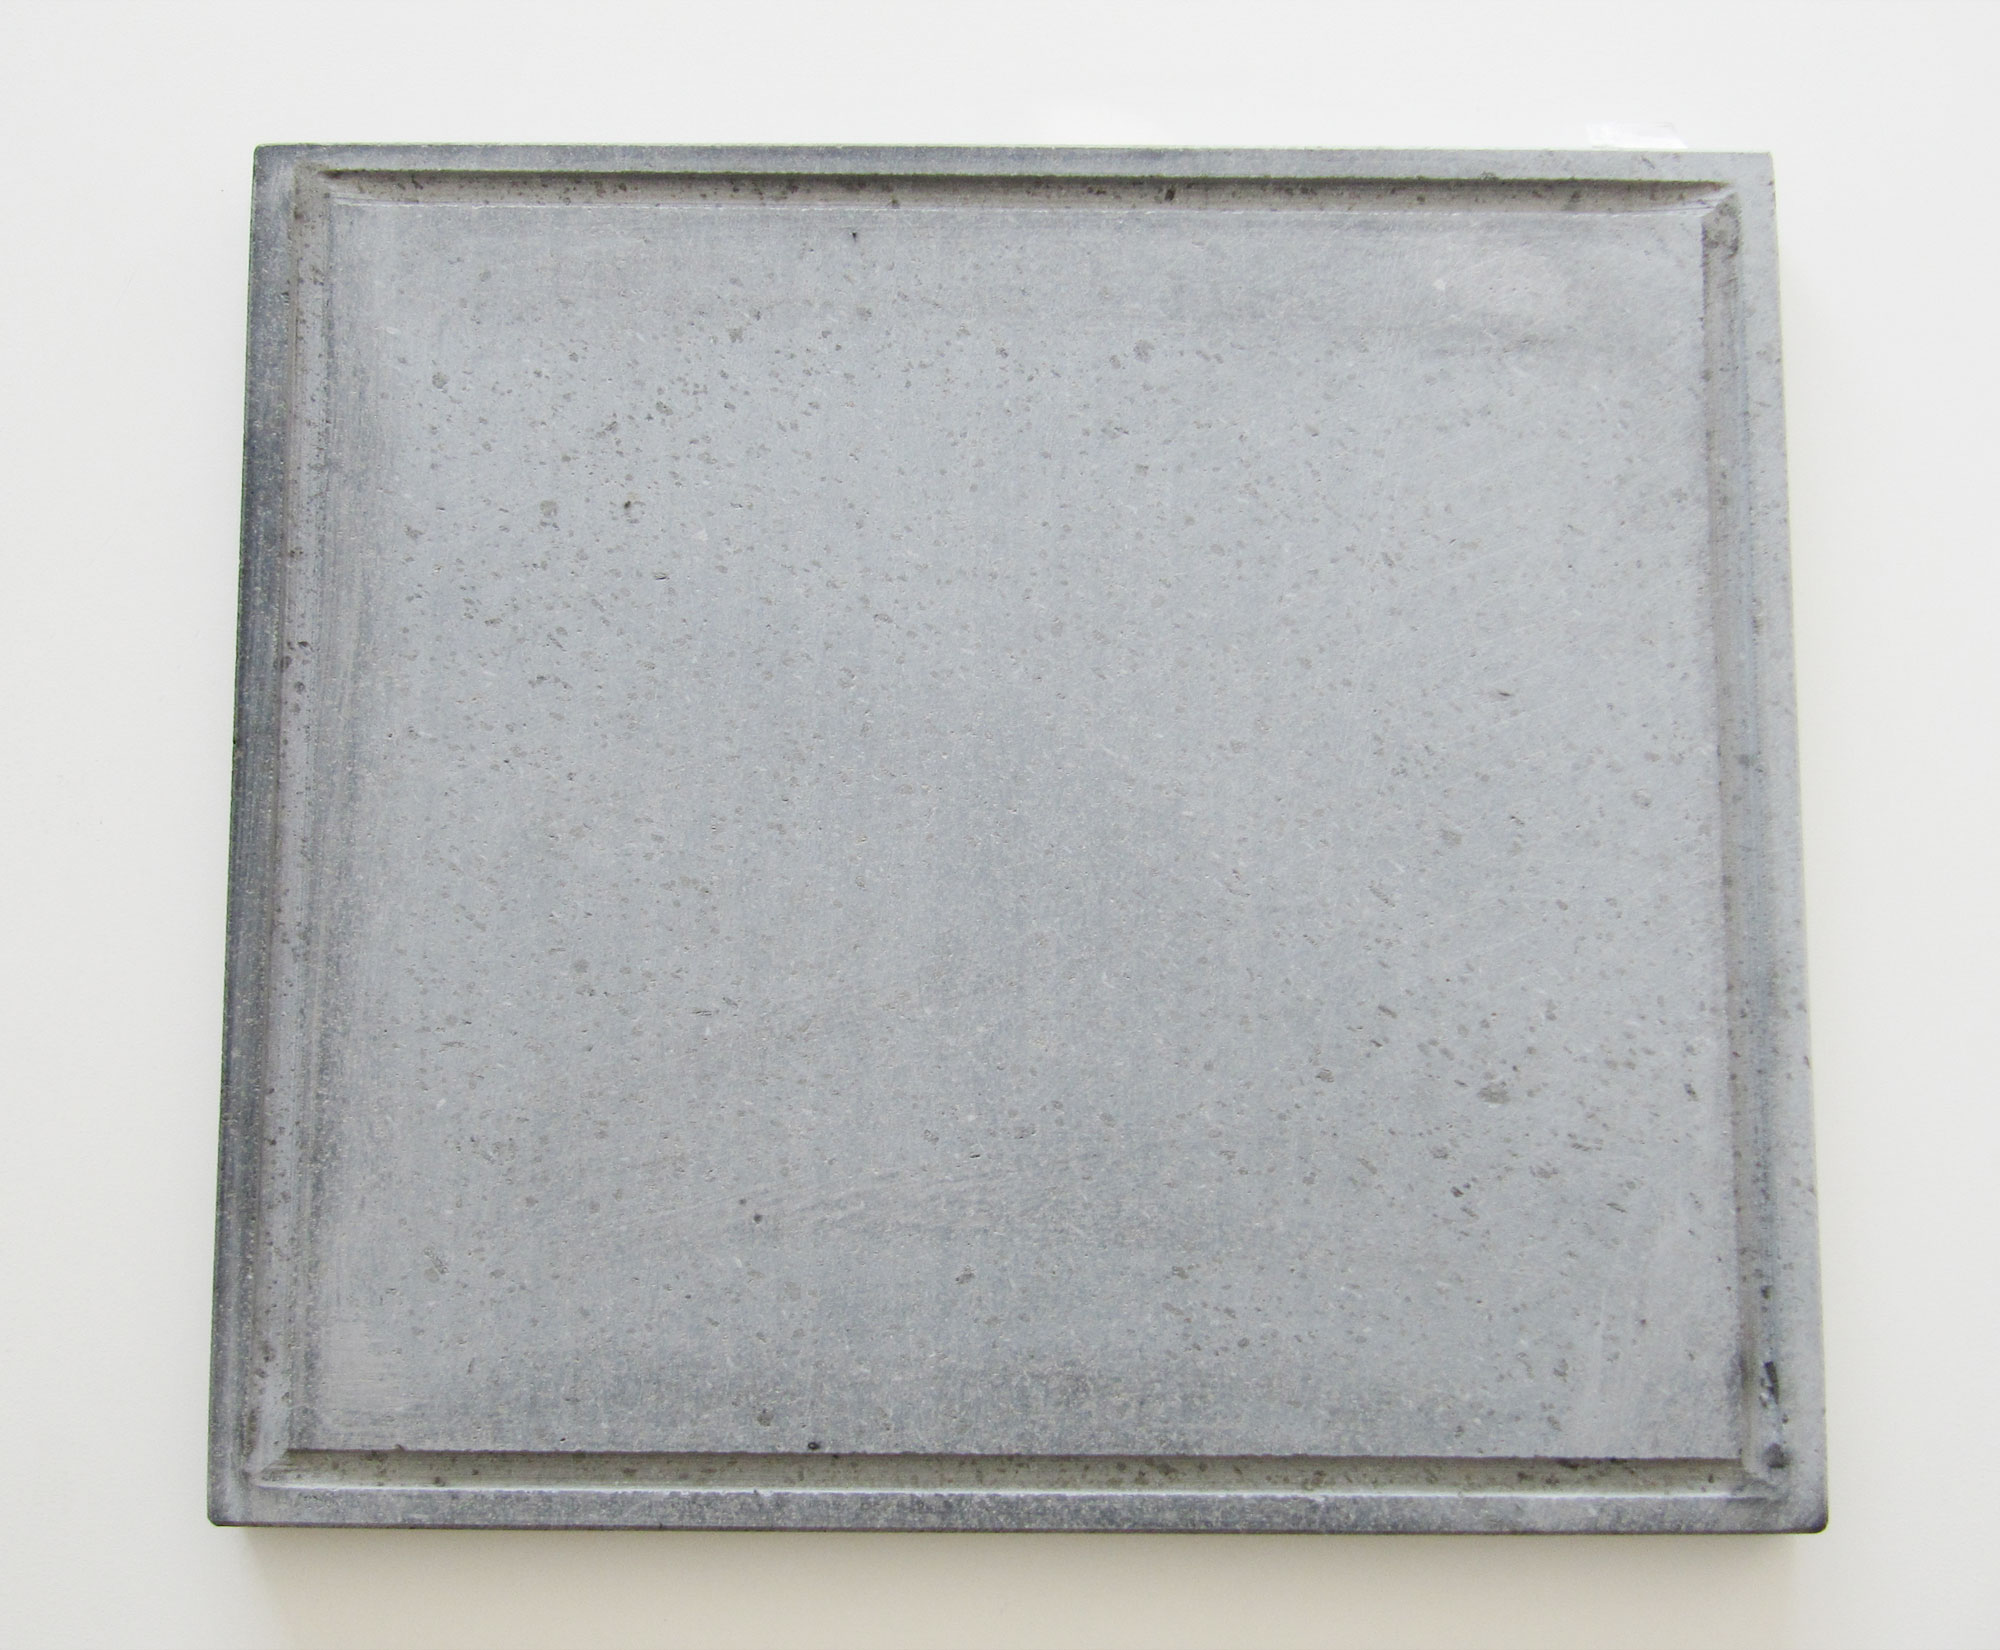 Pizzastein / Lavastein Freiluftküche 40x40x2cm Bild 1